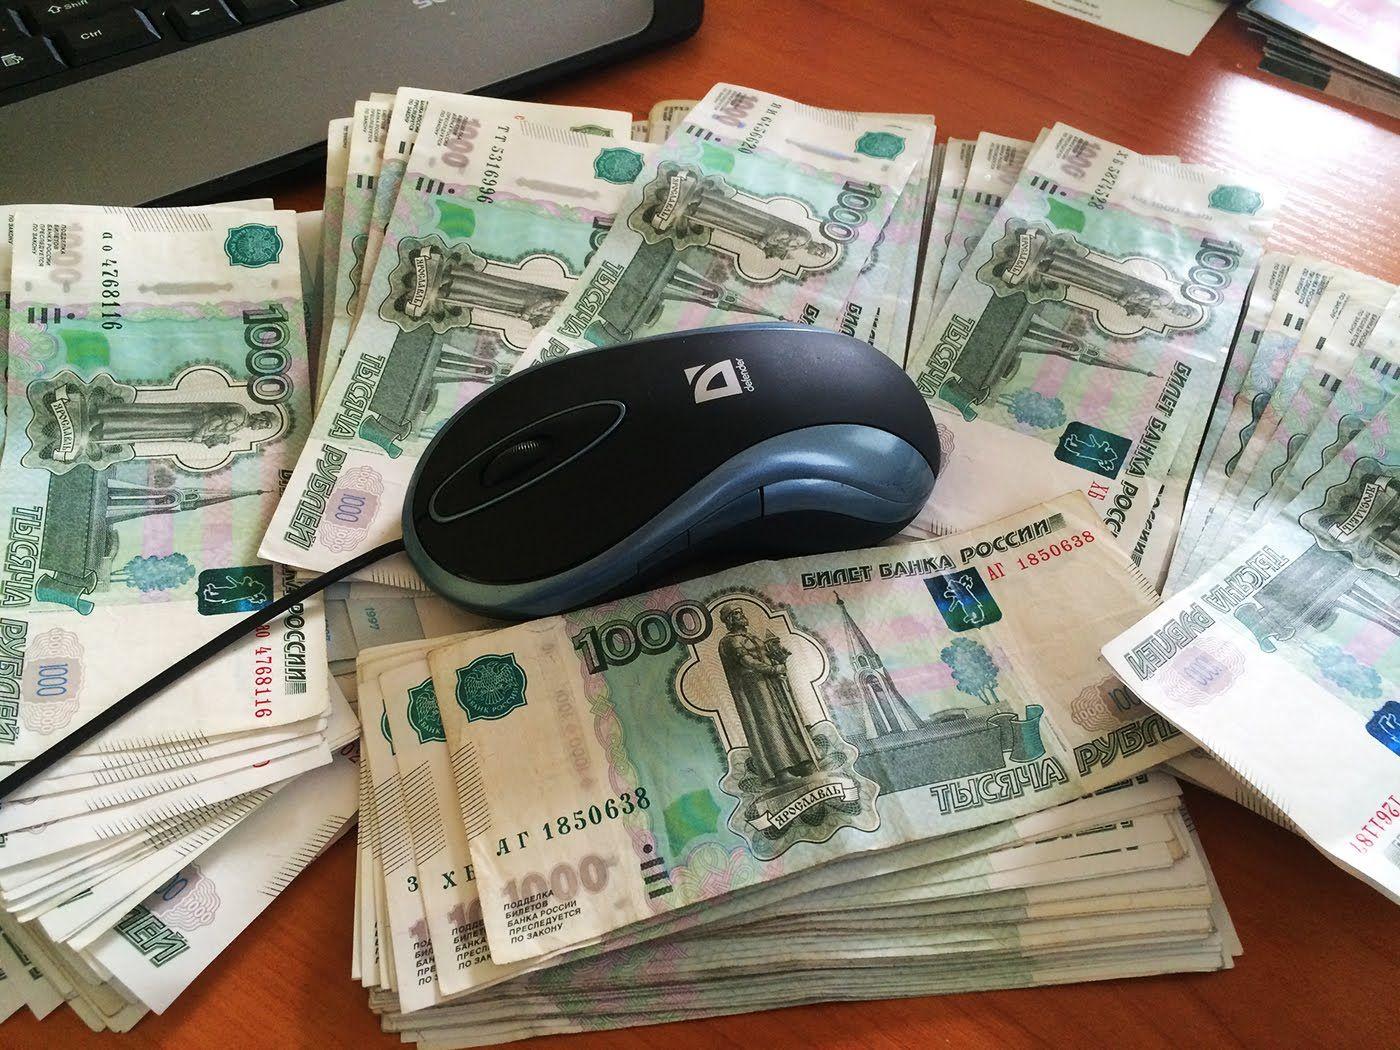 Рулетка в интернете на деньги чат рулетка онлайн переписка